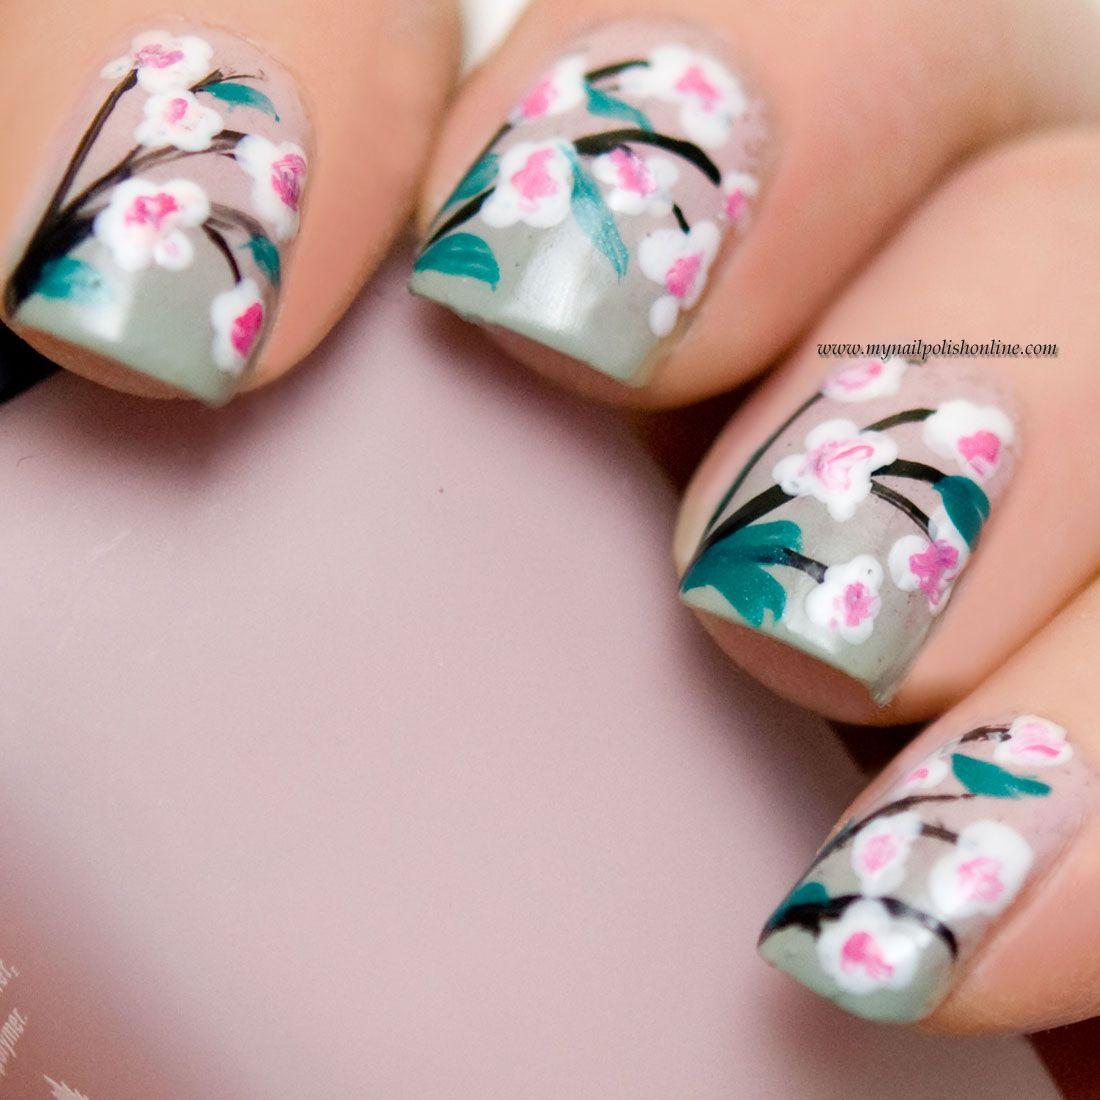 Nail Art - Flowers | Nail art flowers, Nail polish online and Nail ...